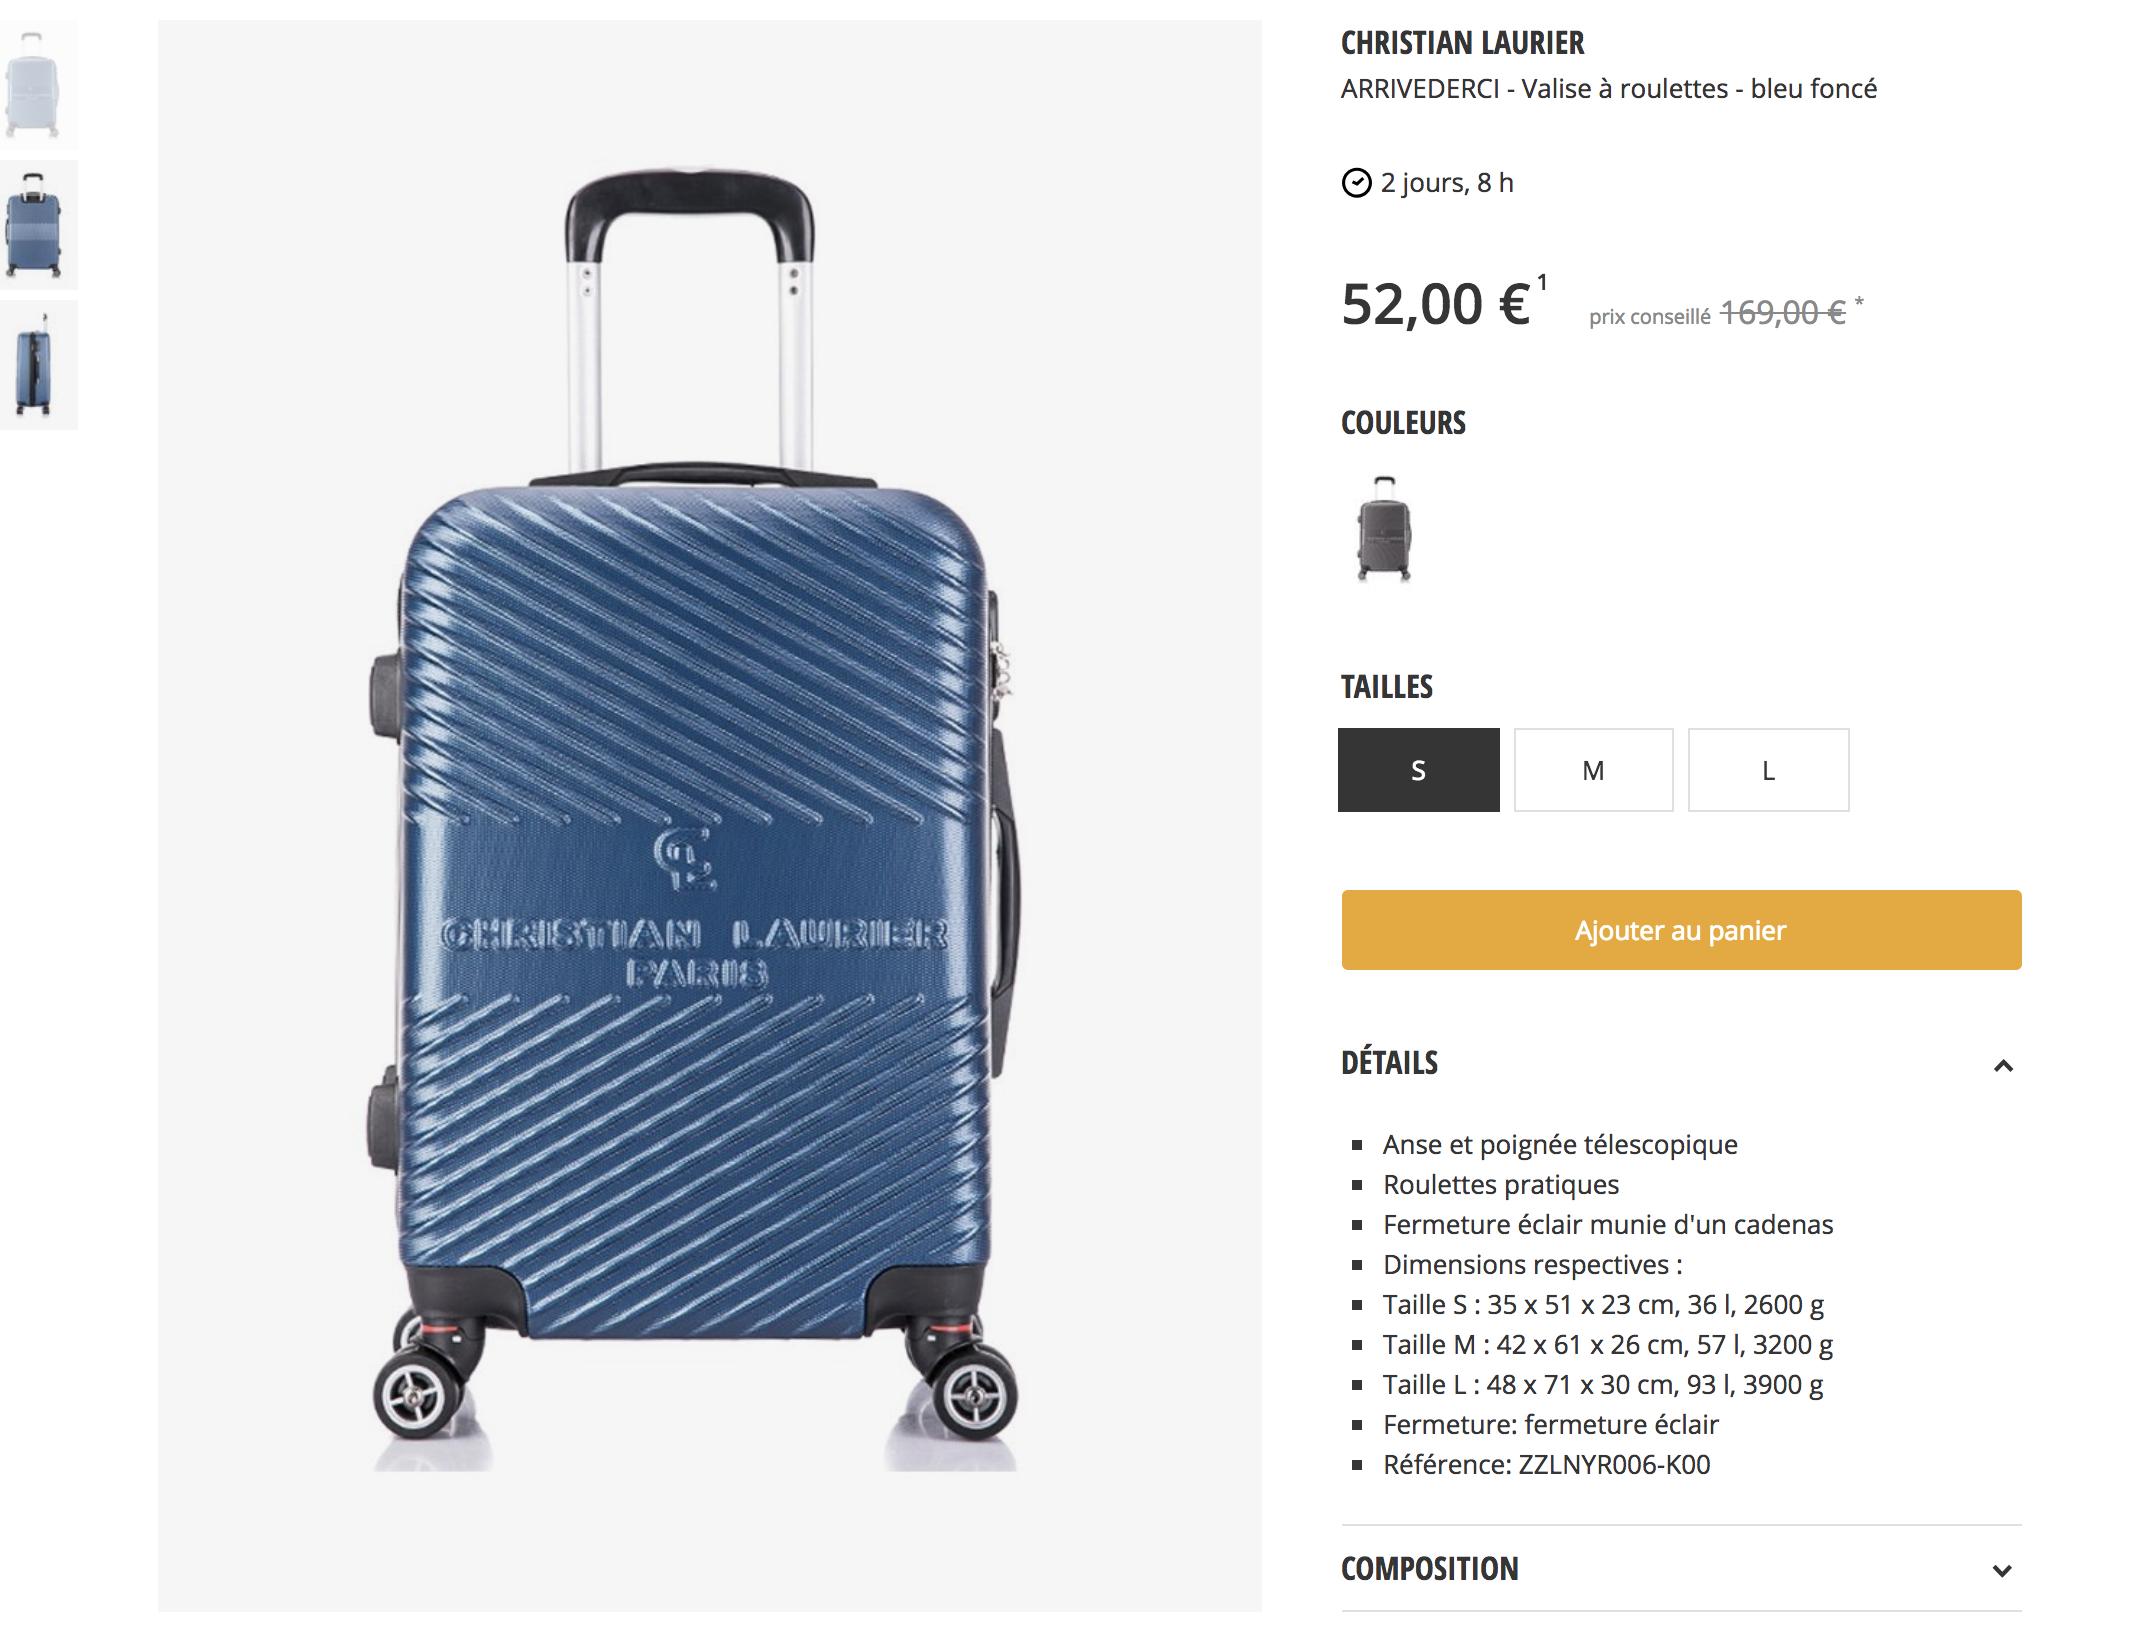 valise-zalando